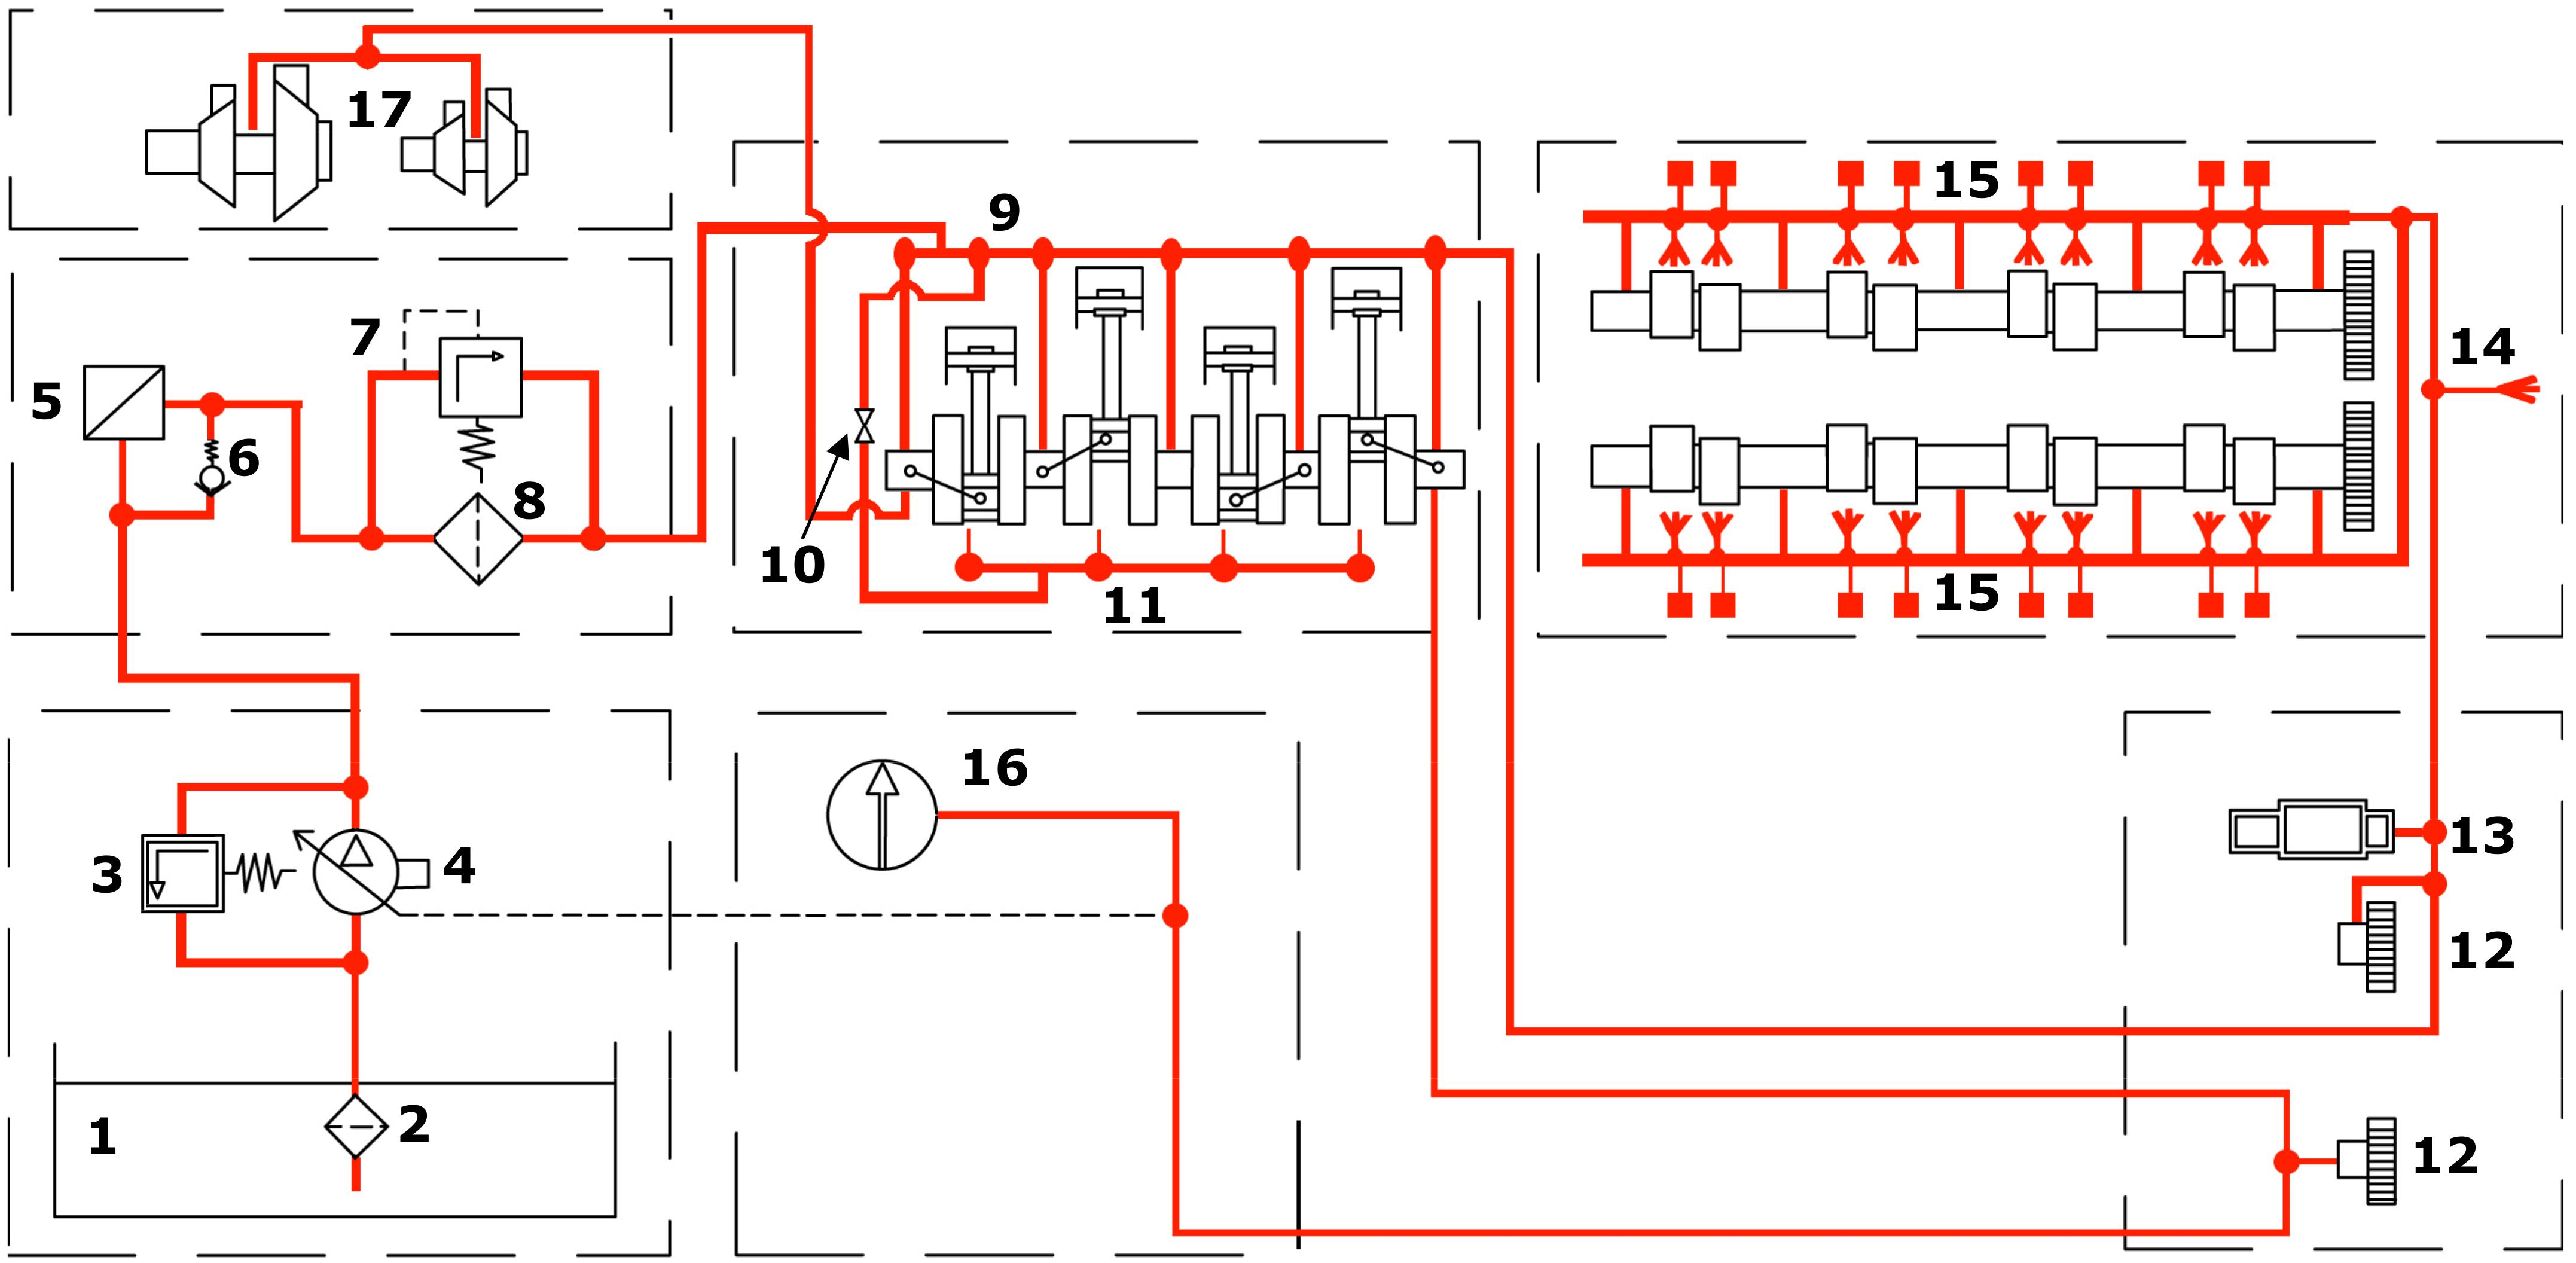 Schema Elettrico Fiat 500 : Disegno impianto elettrico cheap download by with disegno